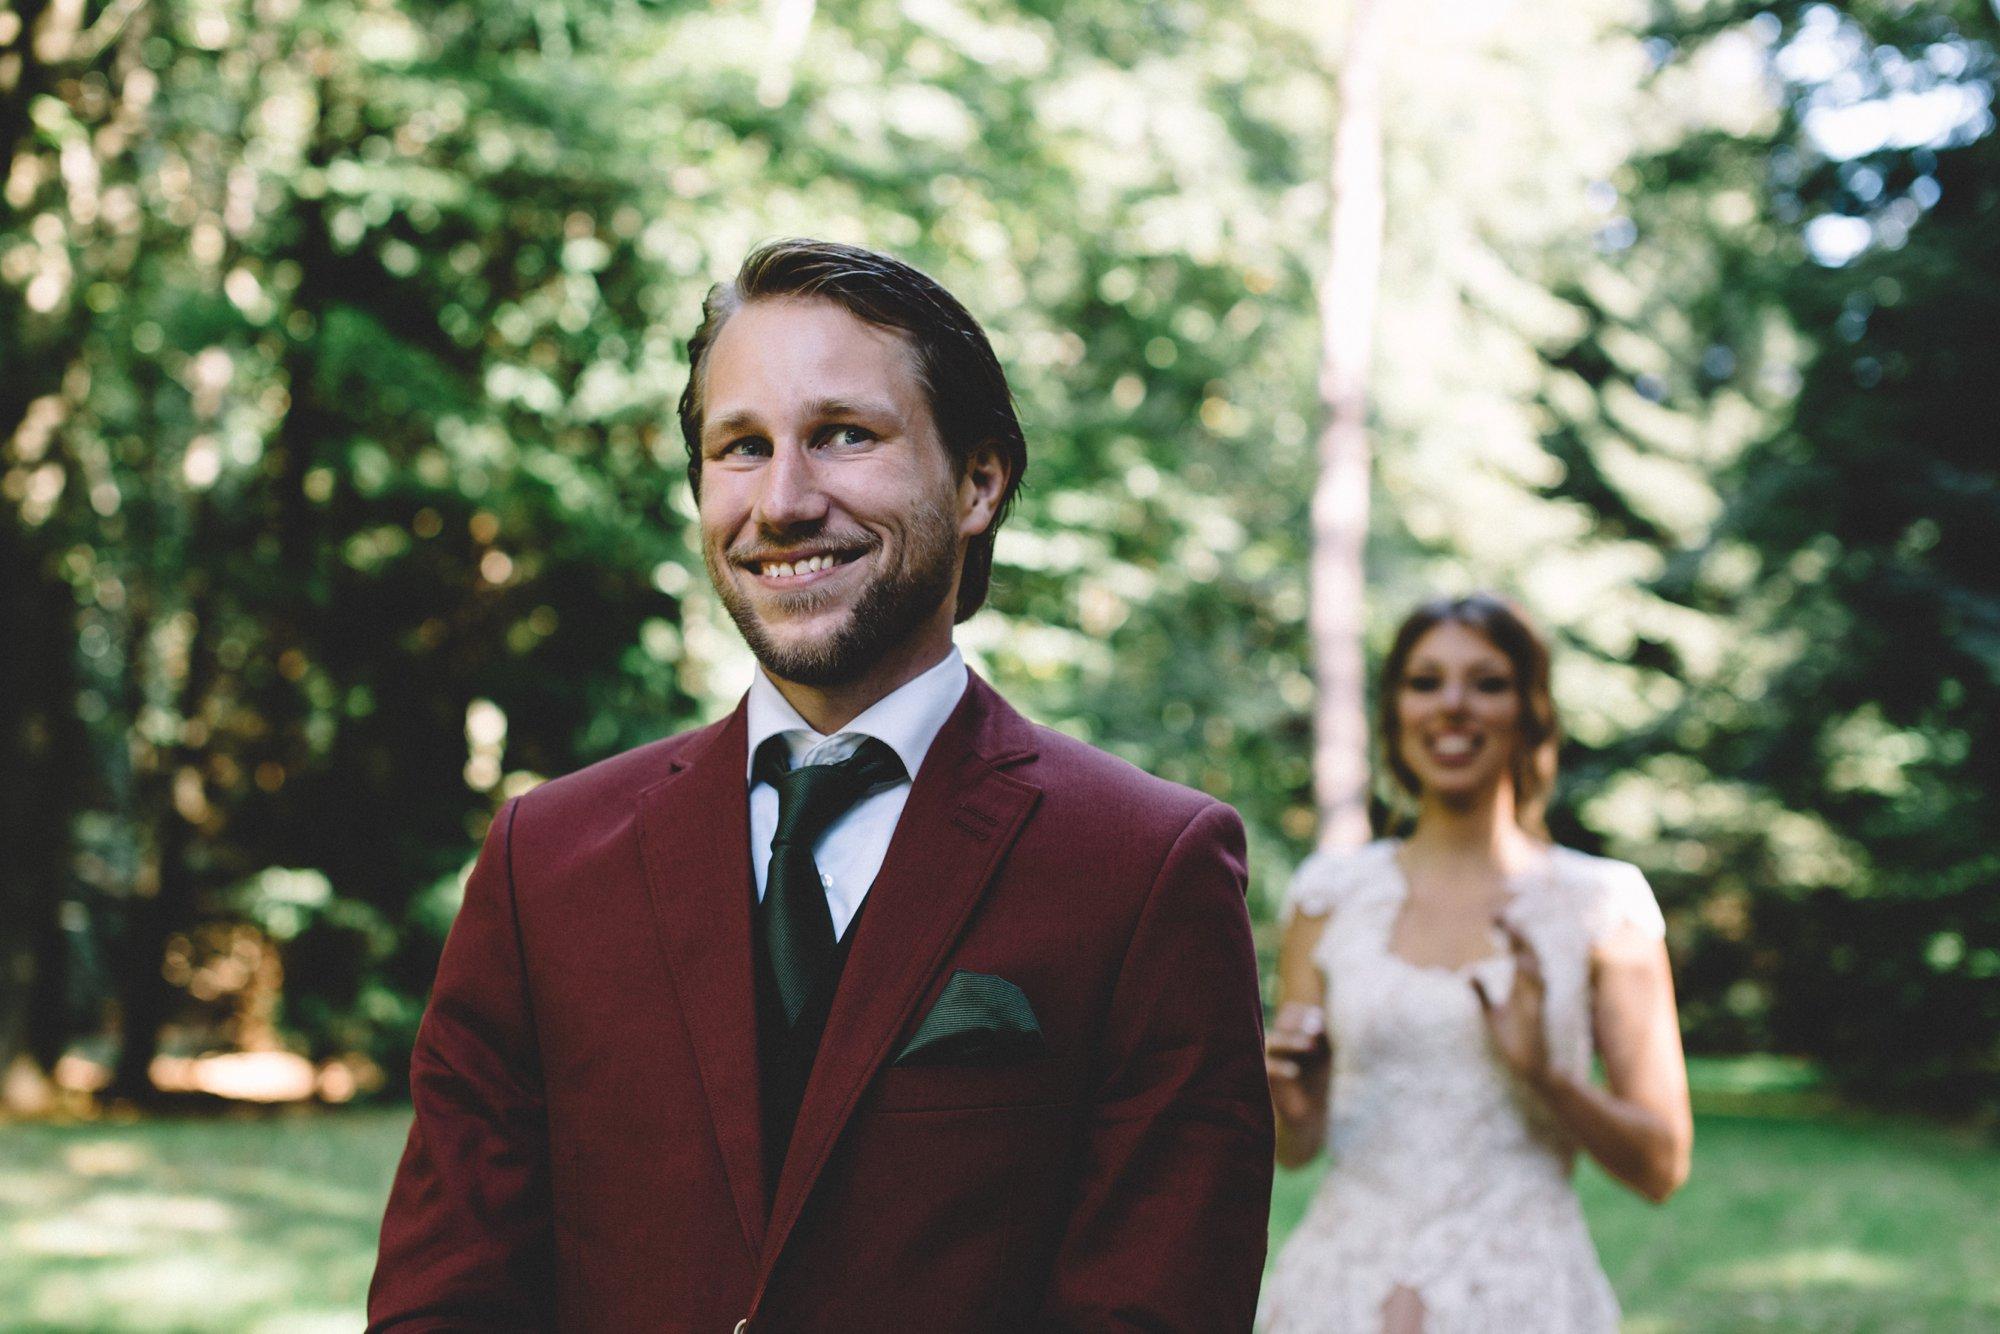 Bohemian bruiloft - trouwen in het bos- Arjen en Paulien_0022.jpg